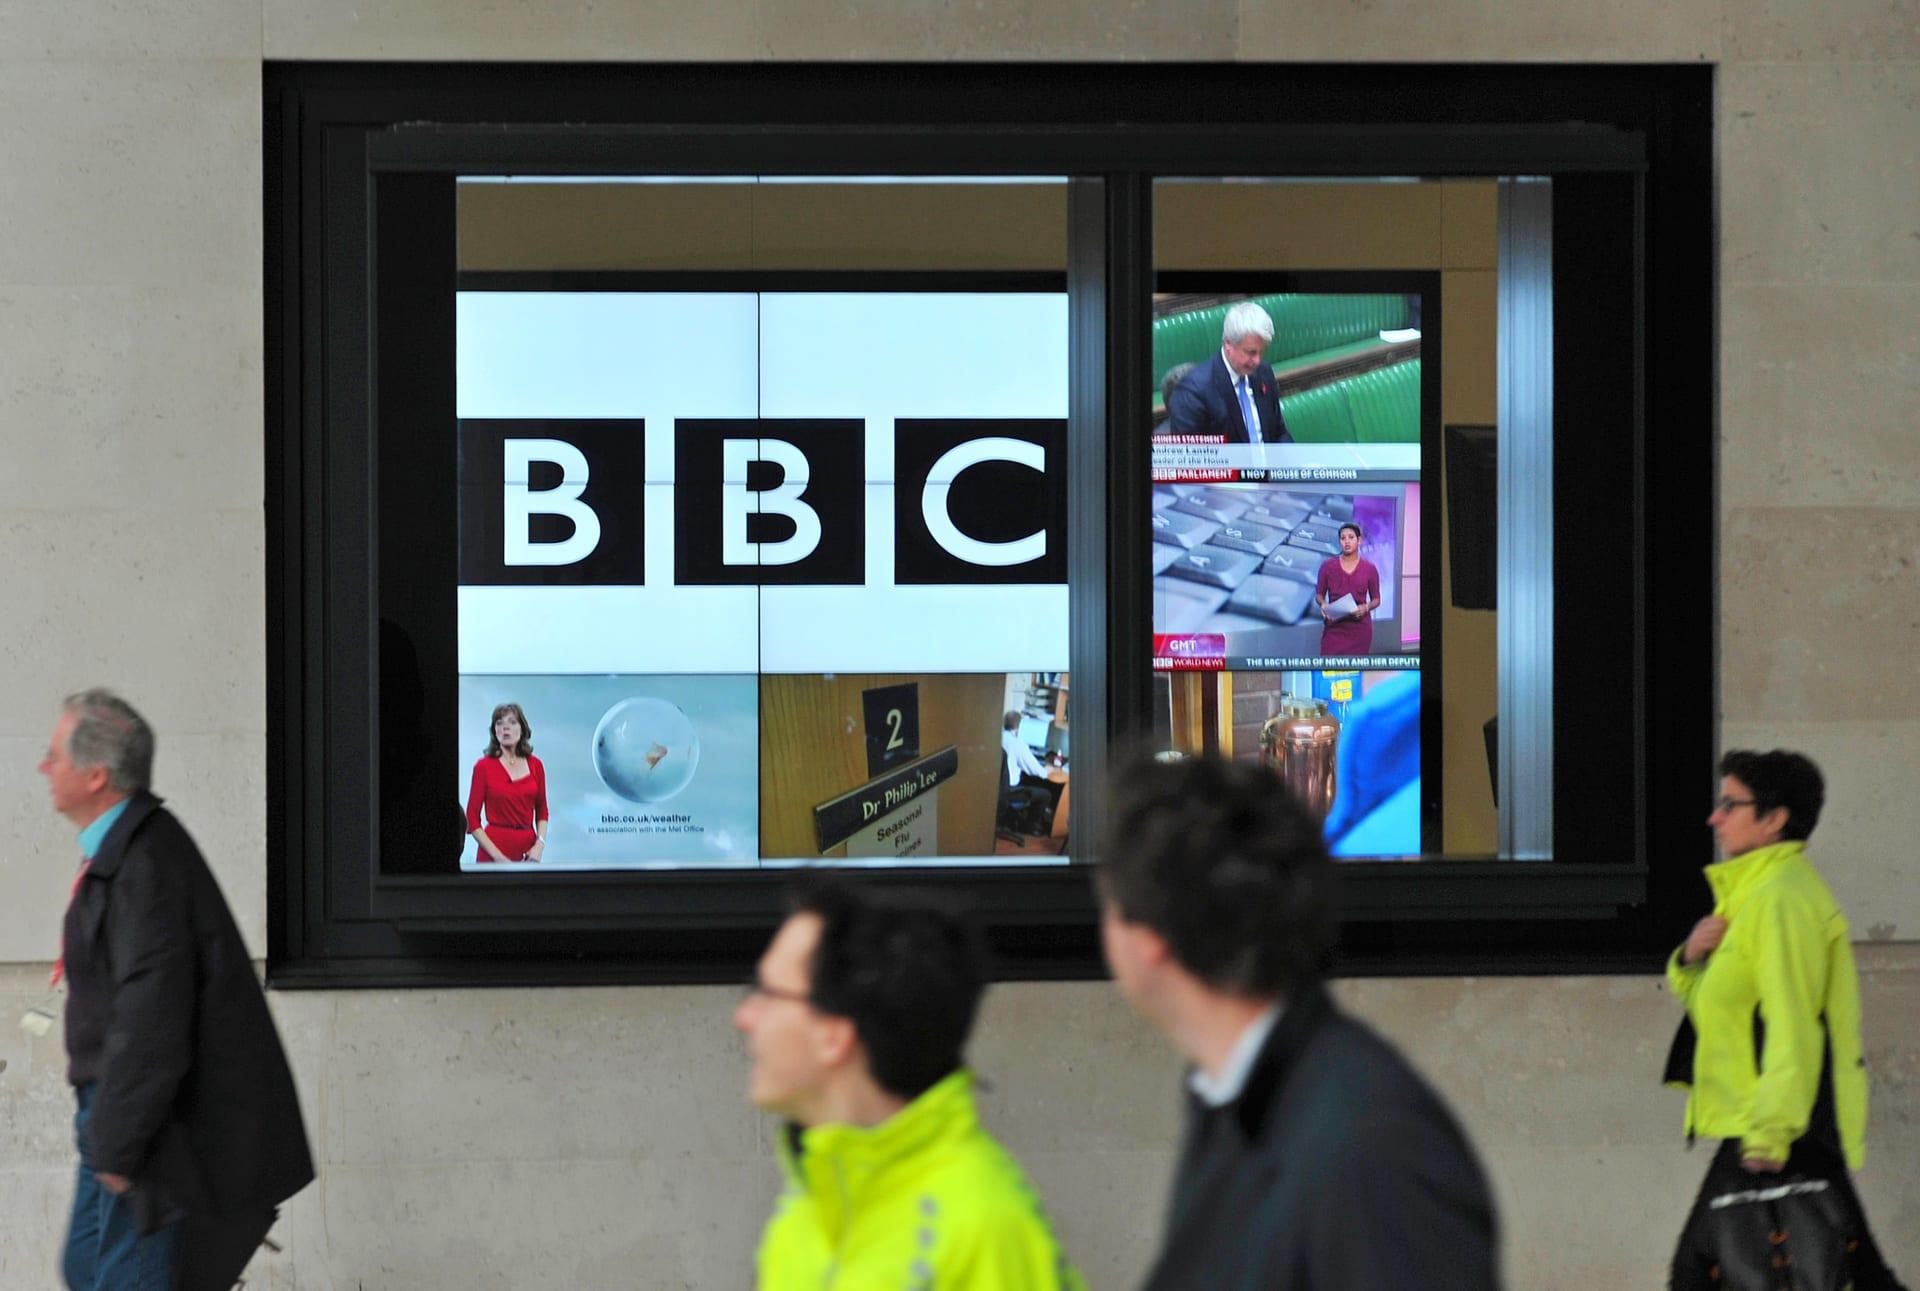 الصين تحظر بث BBC بعد أسبوع واحد من سحب رخصة CGTN في بريطانيا